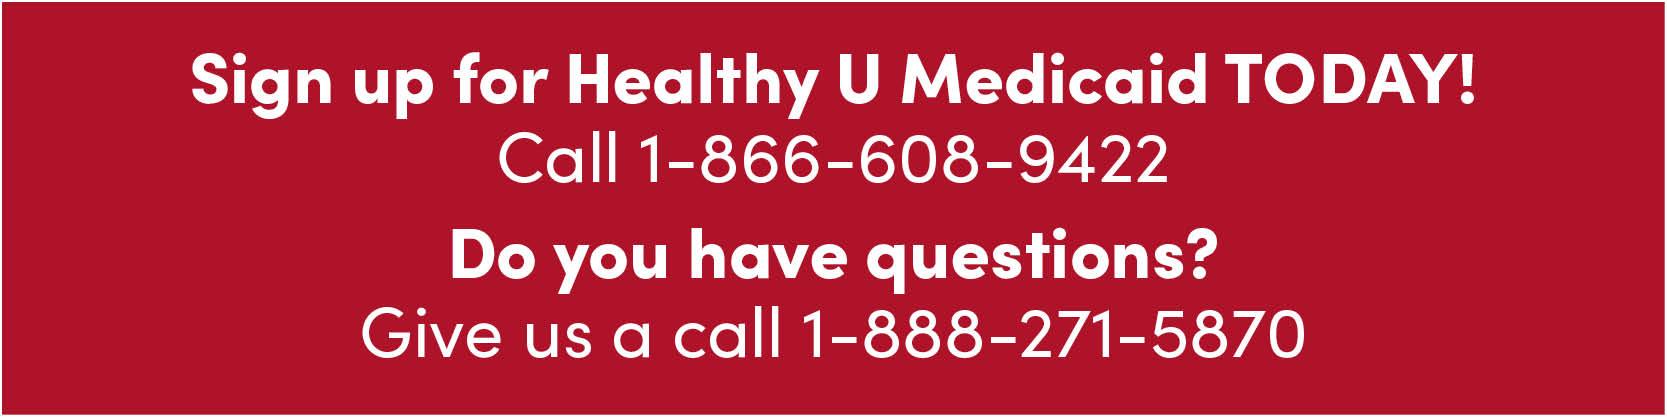 Healthy U Medicaid Health Insurance